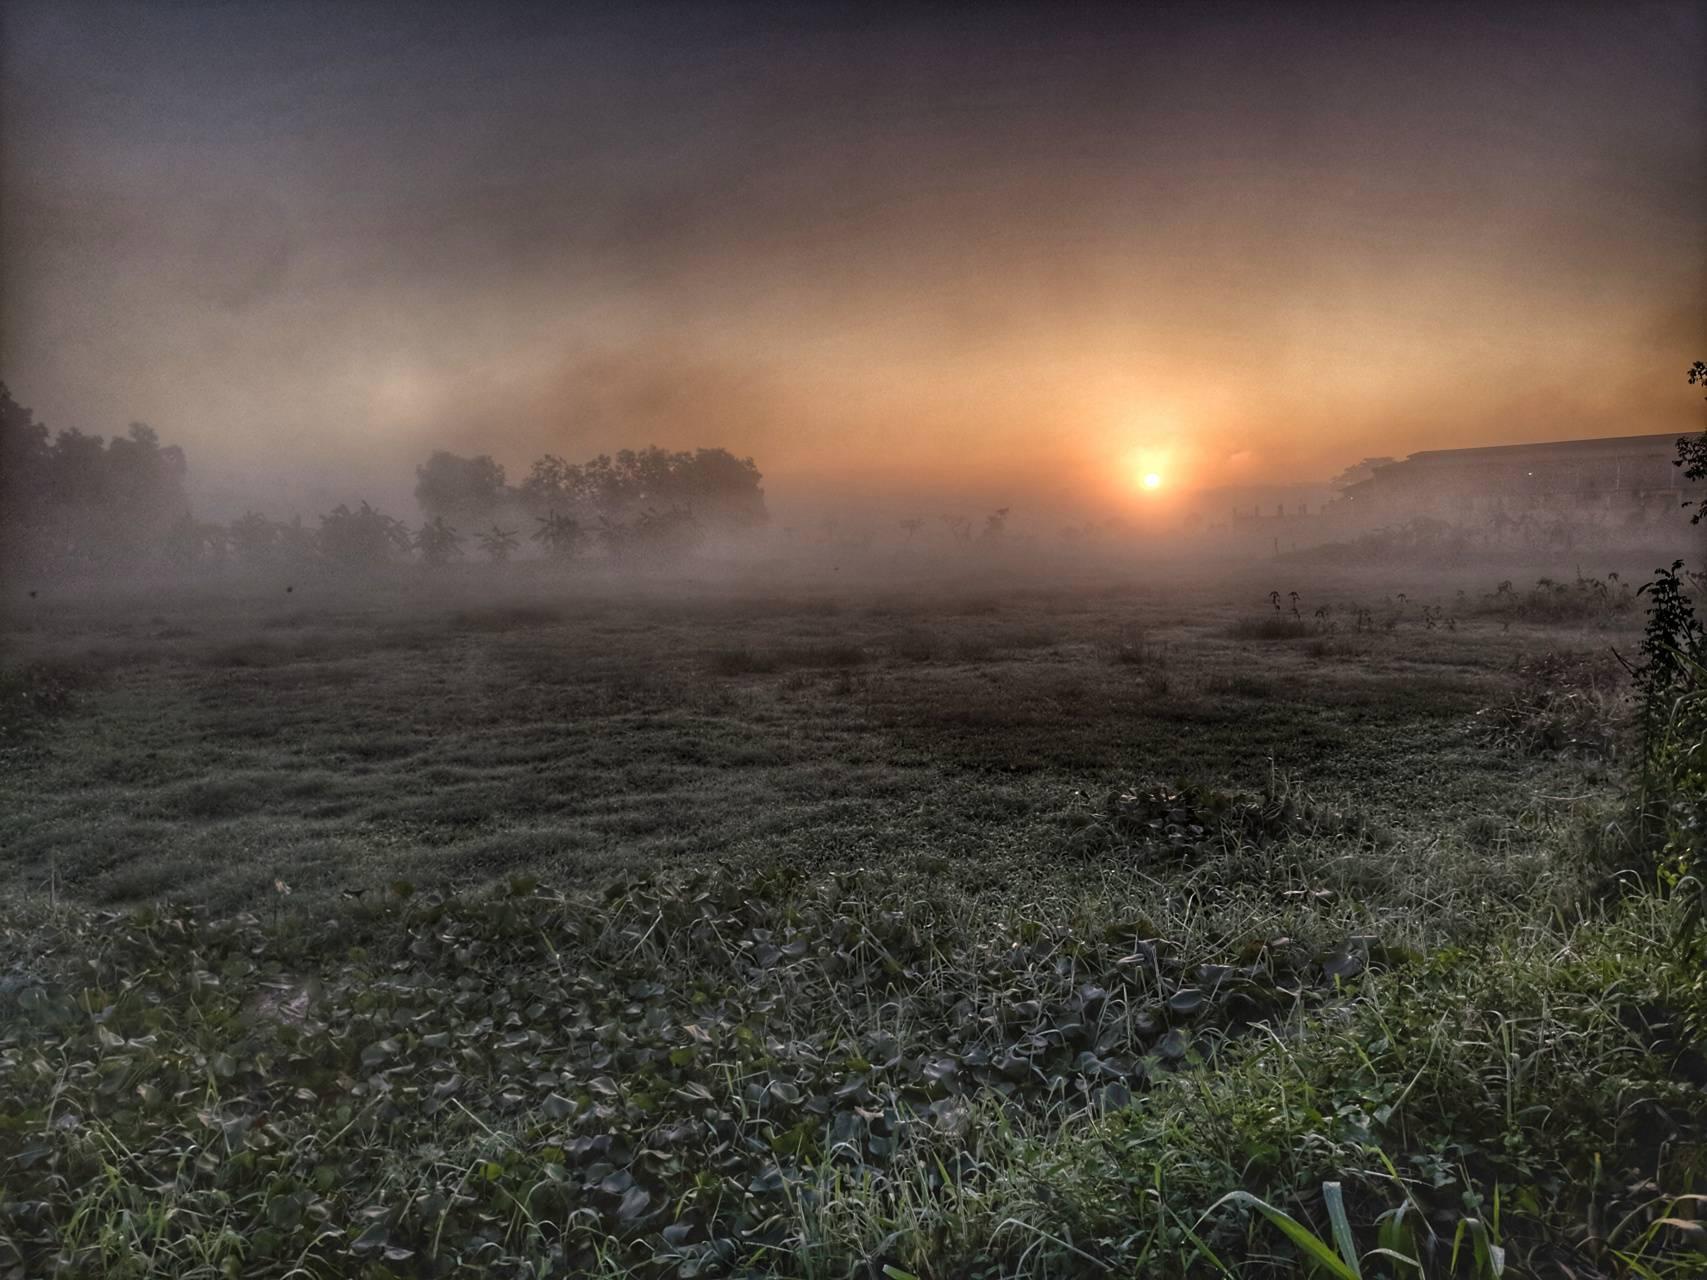 Morning Dews